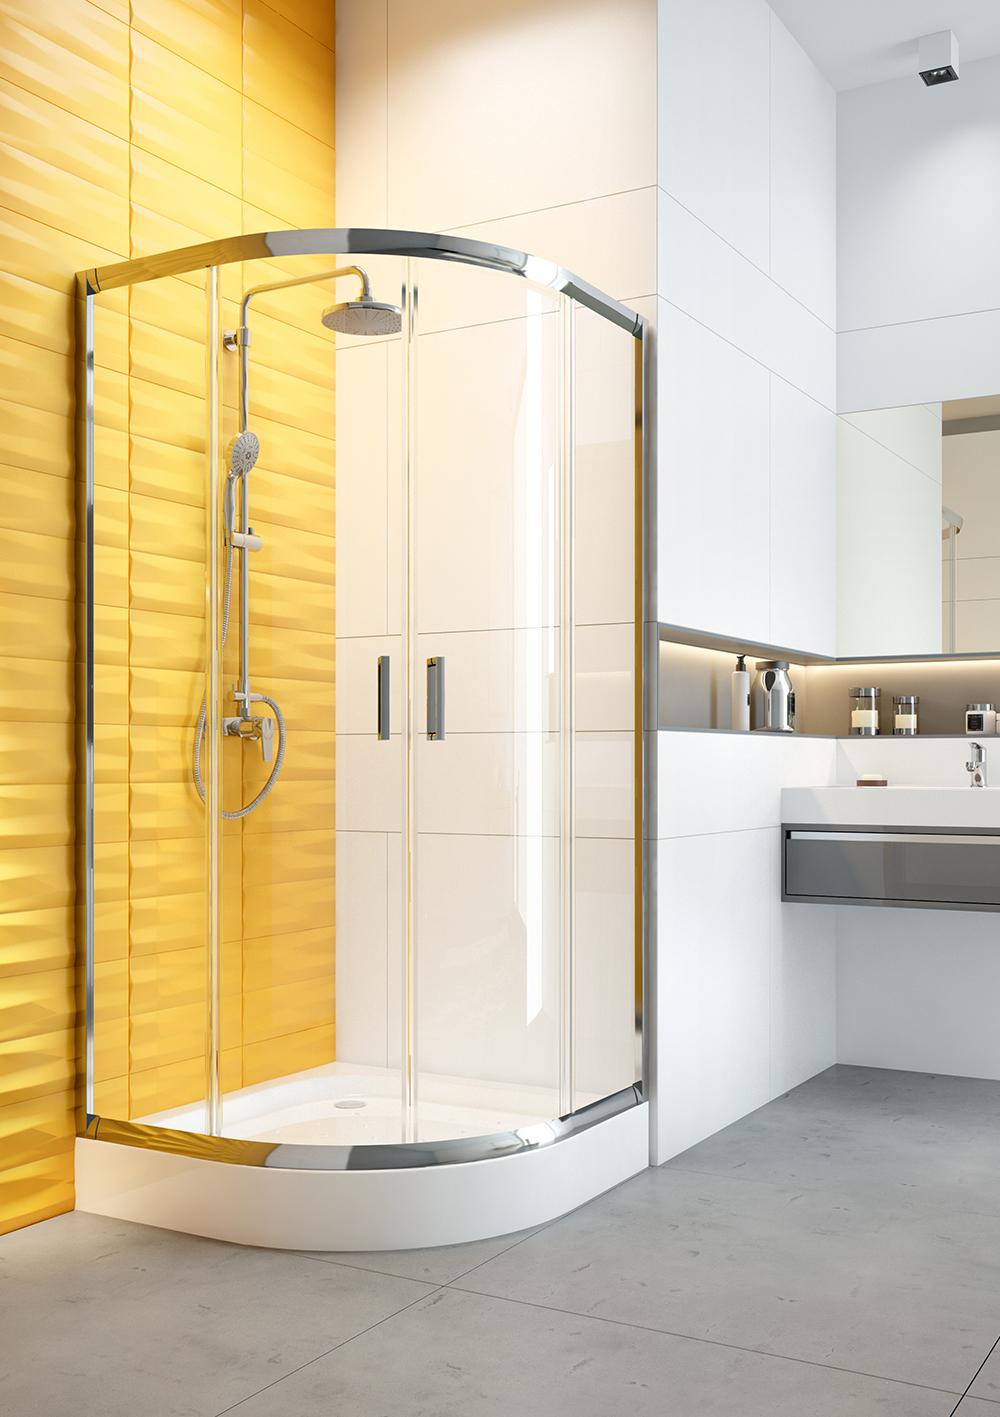 Kabina prysznicowa półokrągła, seria: Funkia